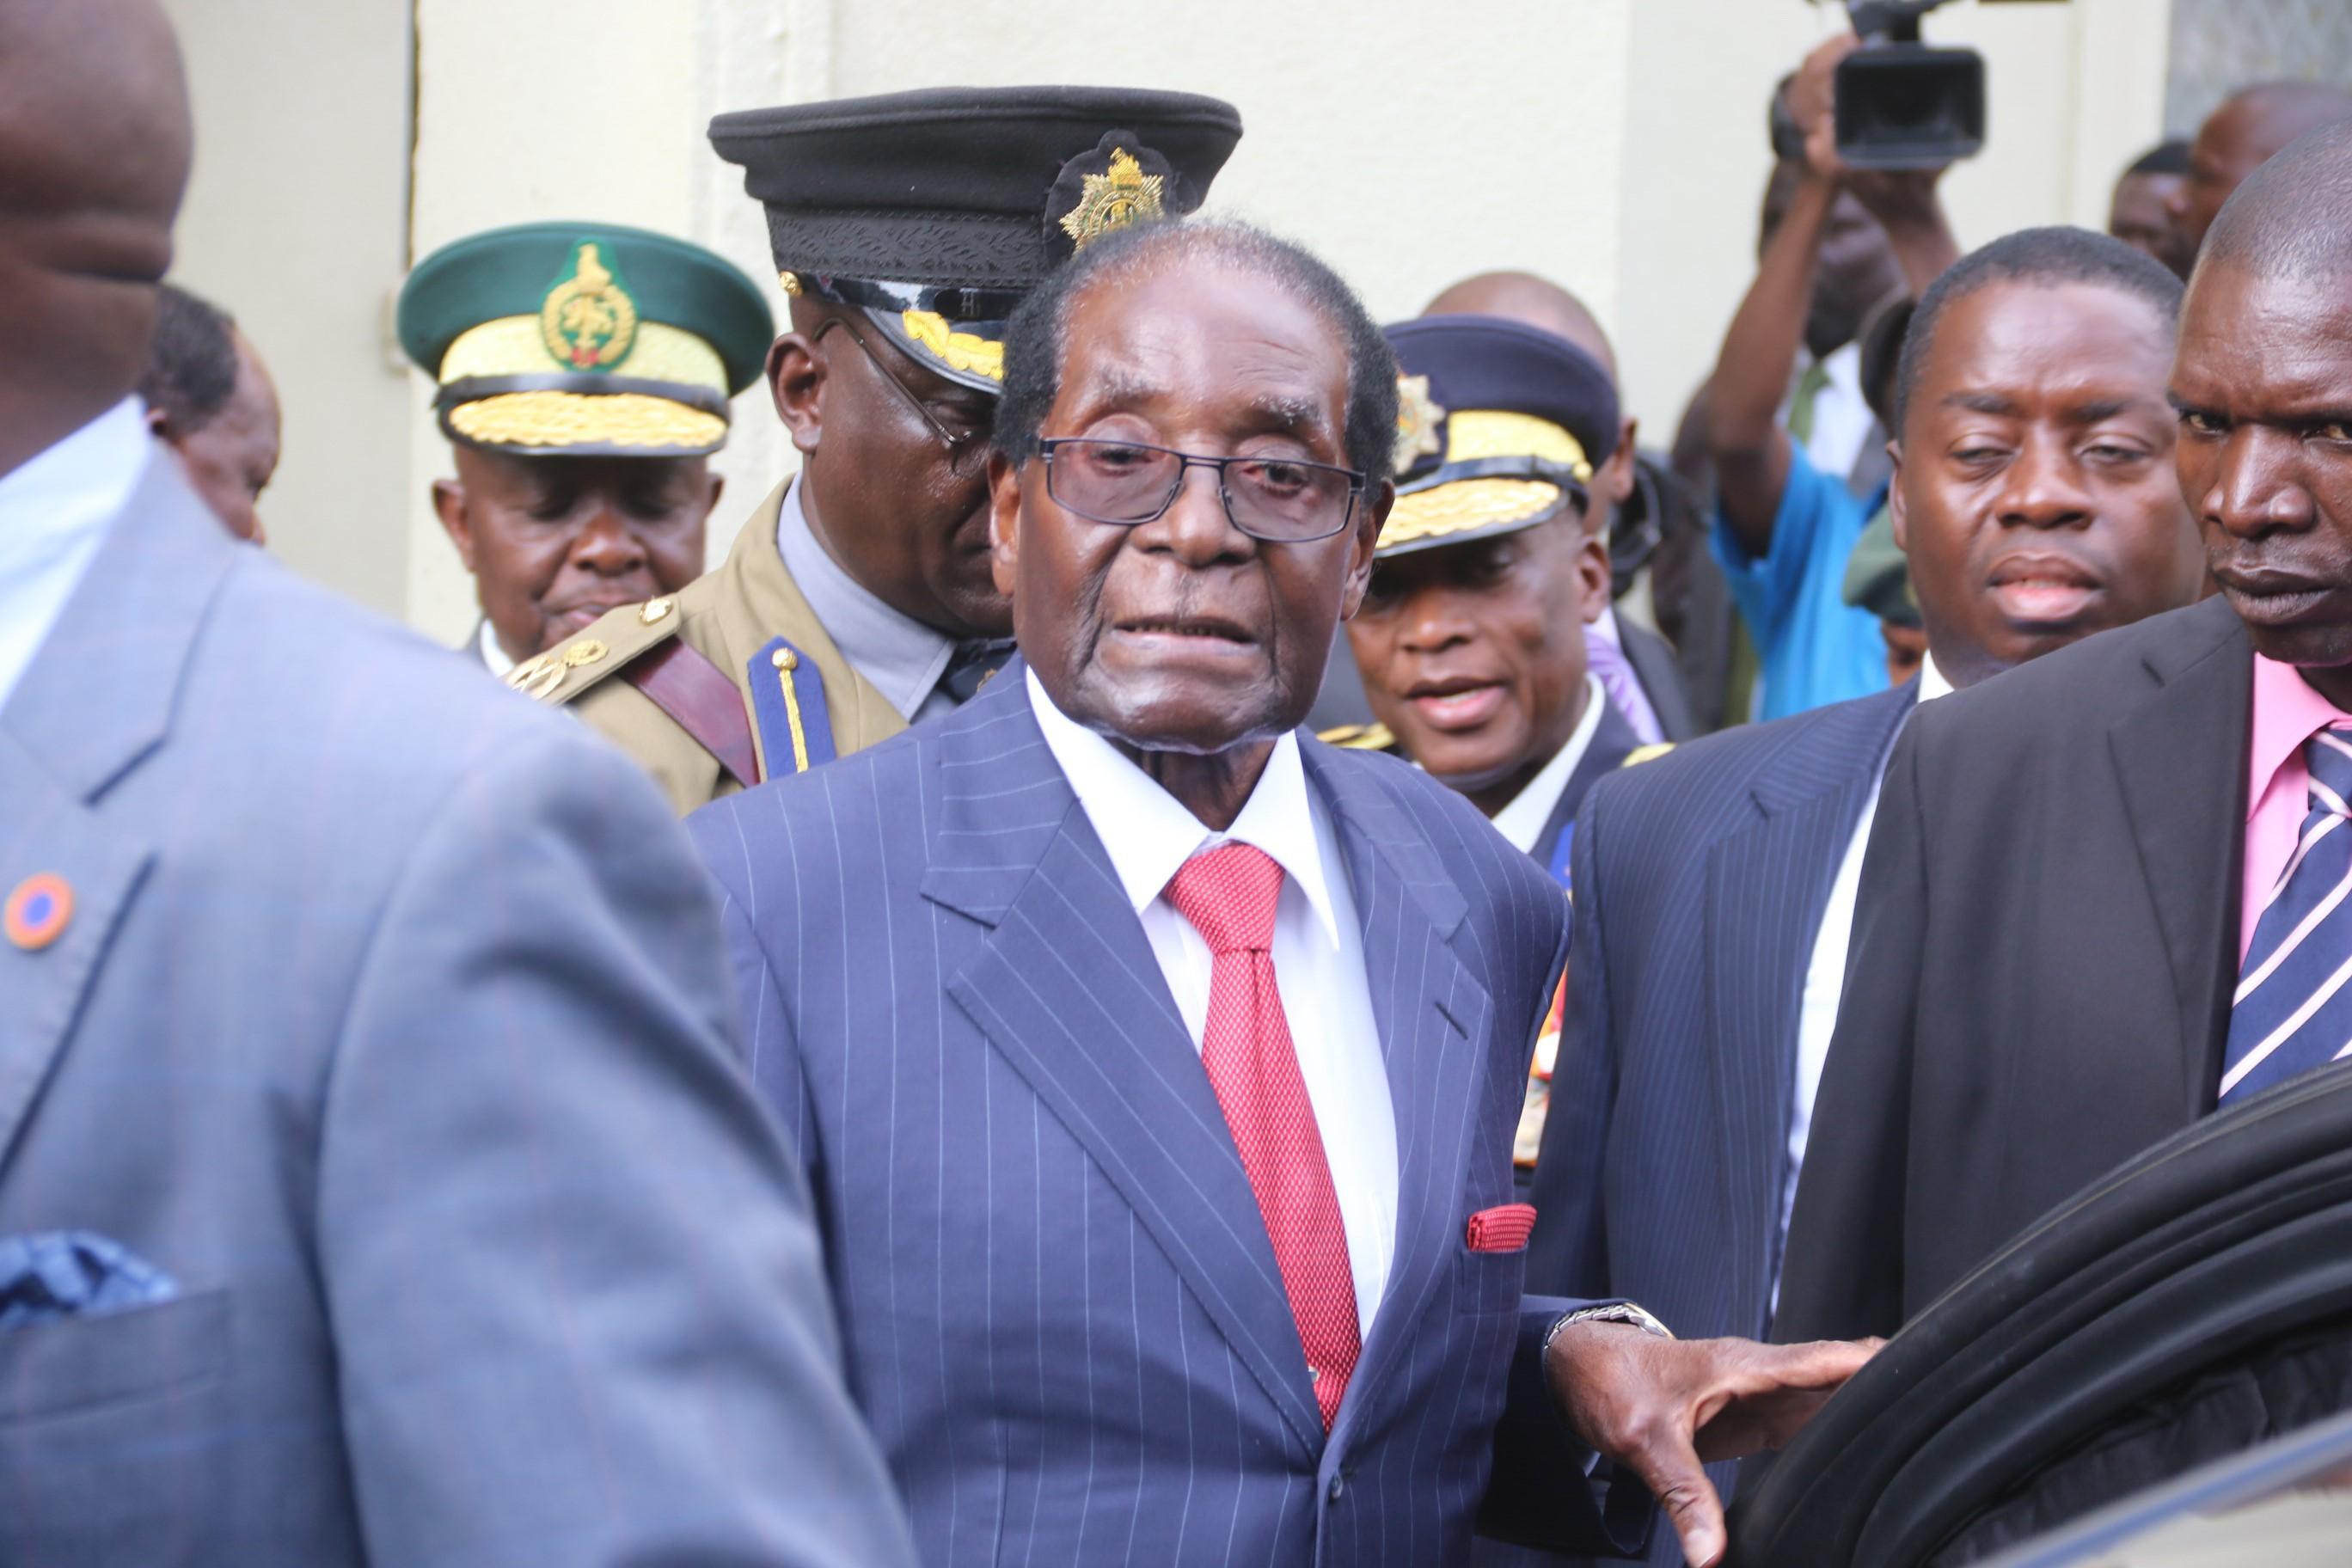 Preşedintele statului Zimbabwe, Robert Mugabe, şi-a anunţat demisia după lovitura de stat